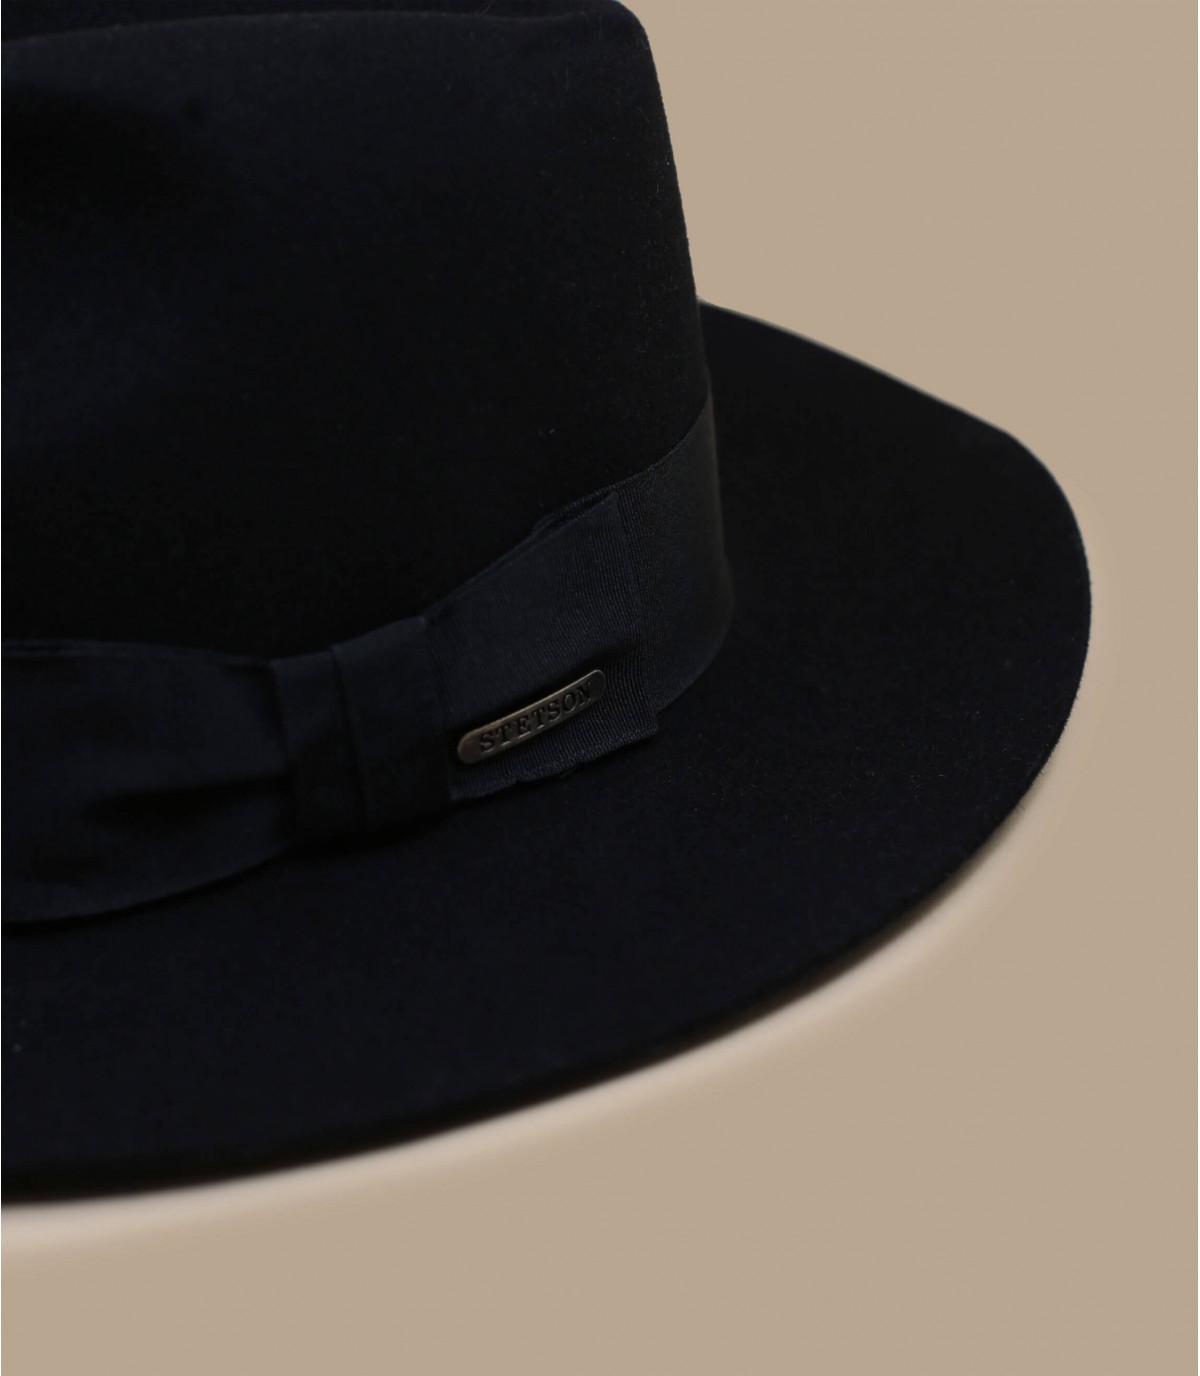 chapeau femme stetson noir iona black par stetson. Black Bedroom Furniture Sets. Home Design Ideas